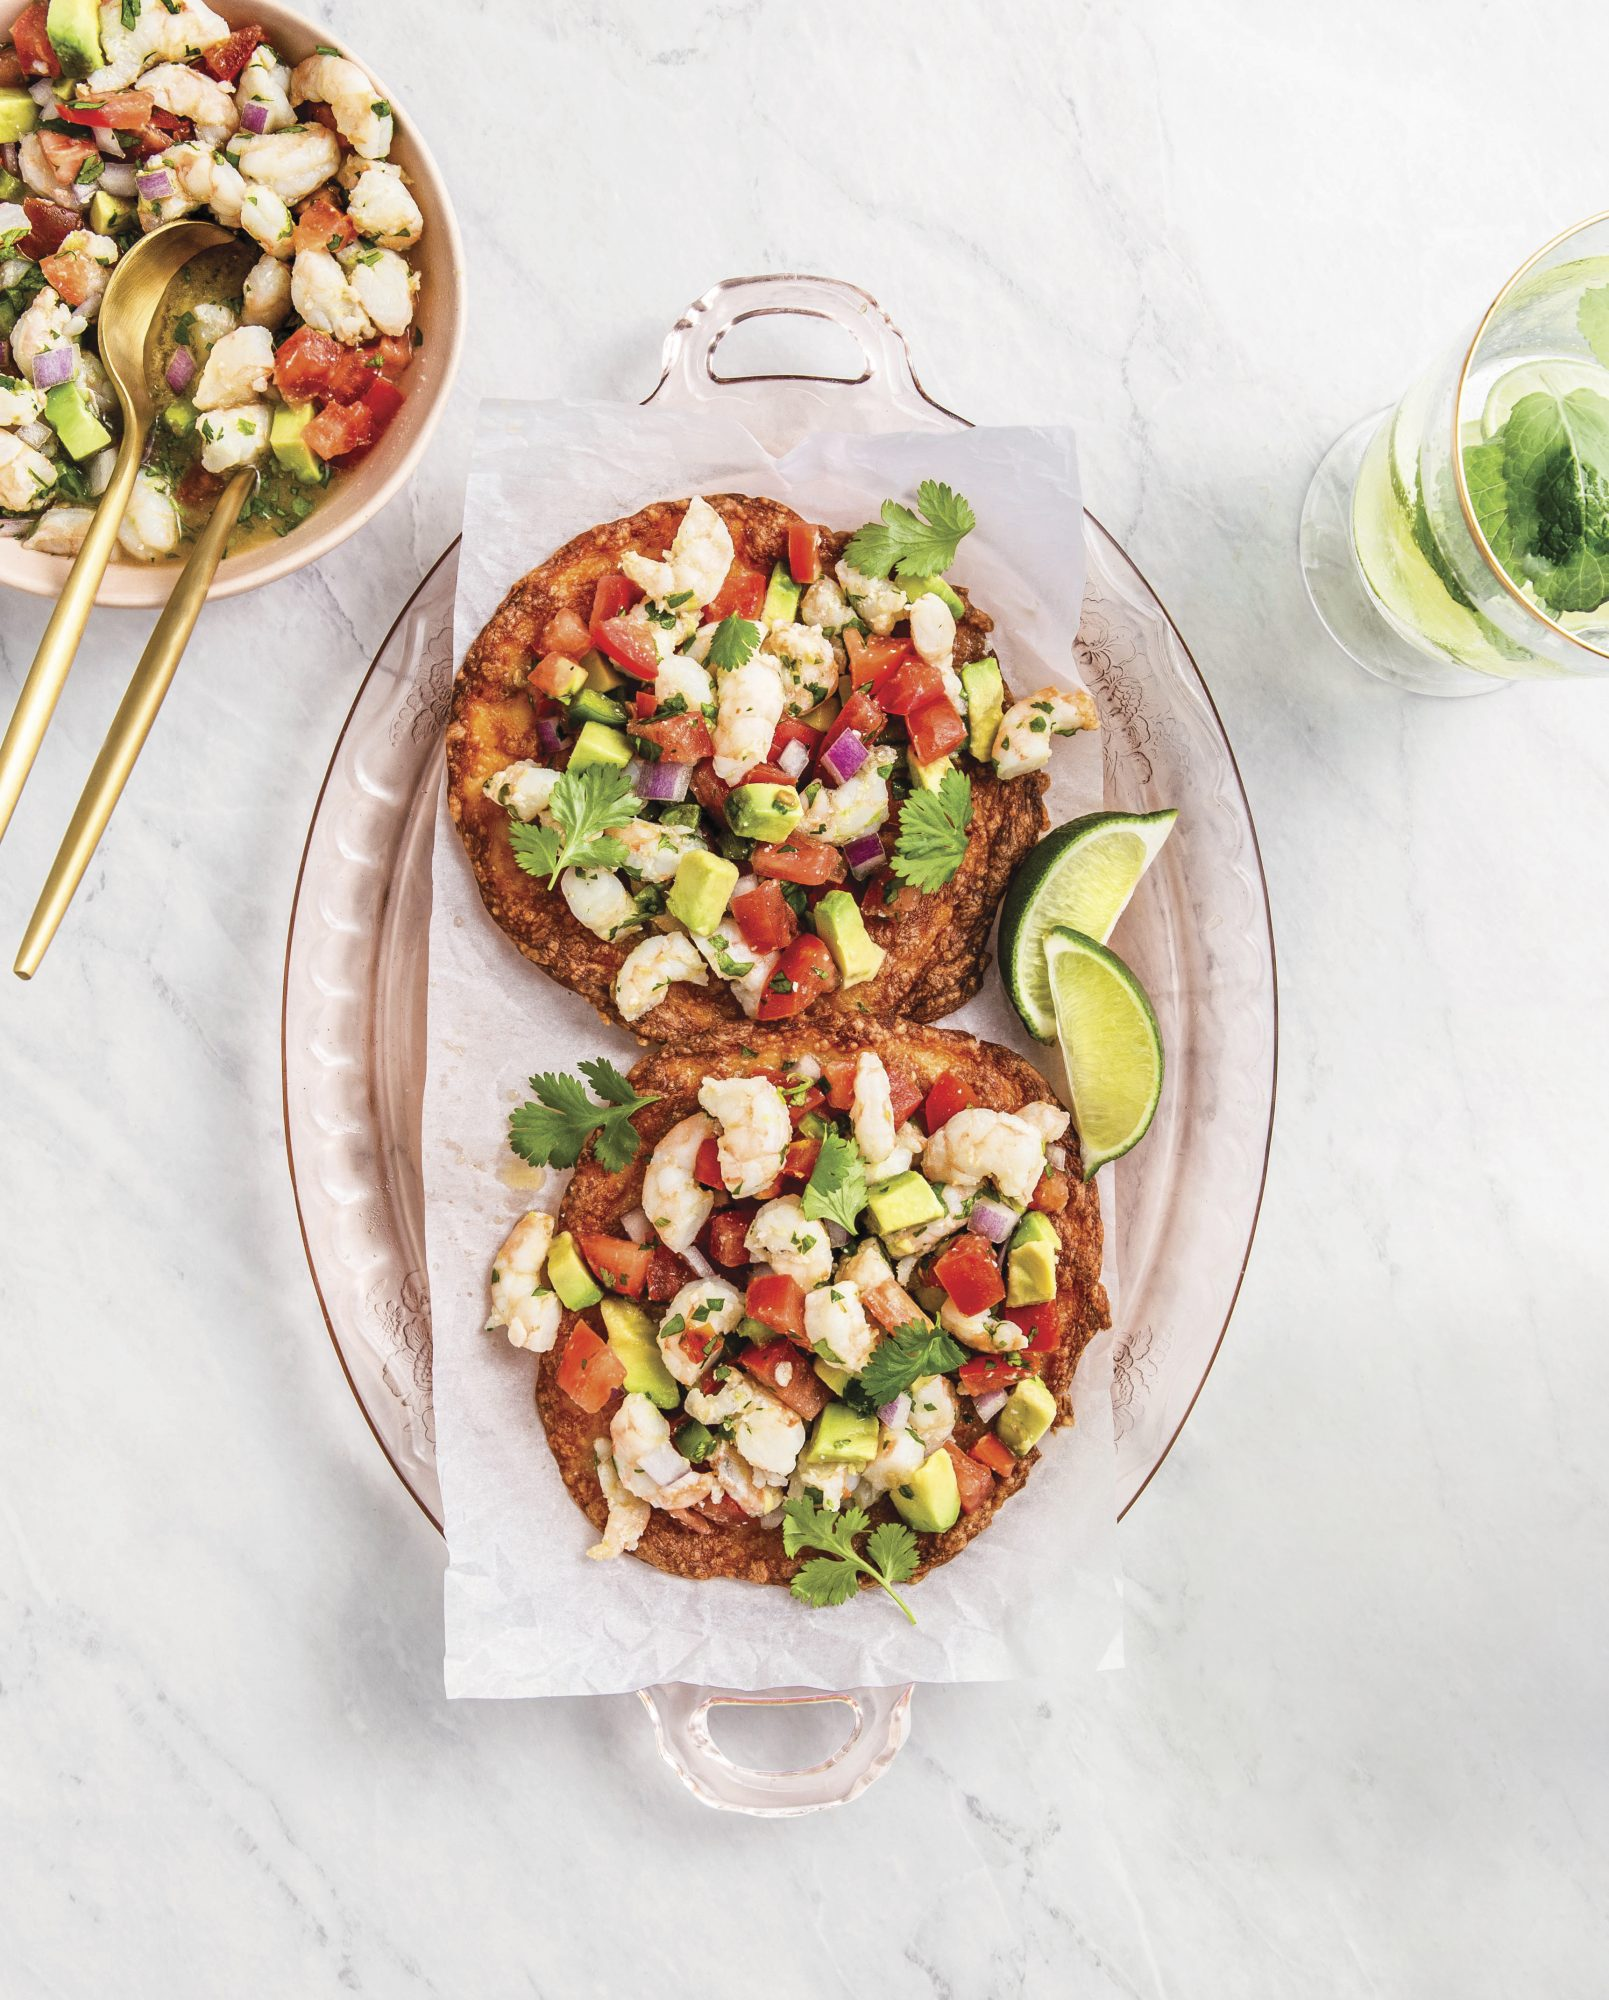 De la dieta de Chiquis: ceviche de camarones con tostadas keto